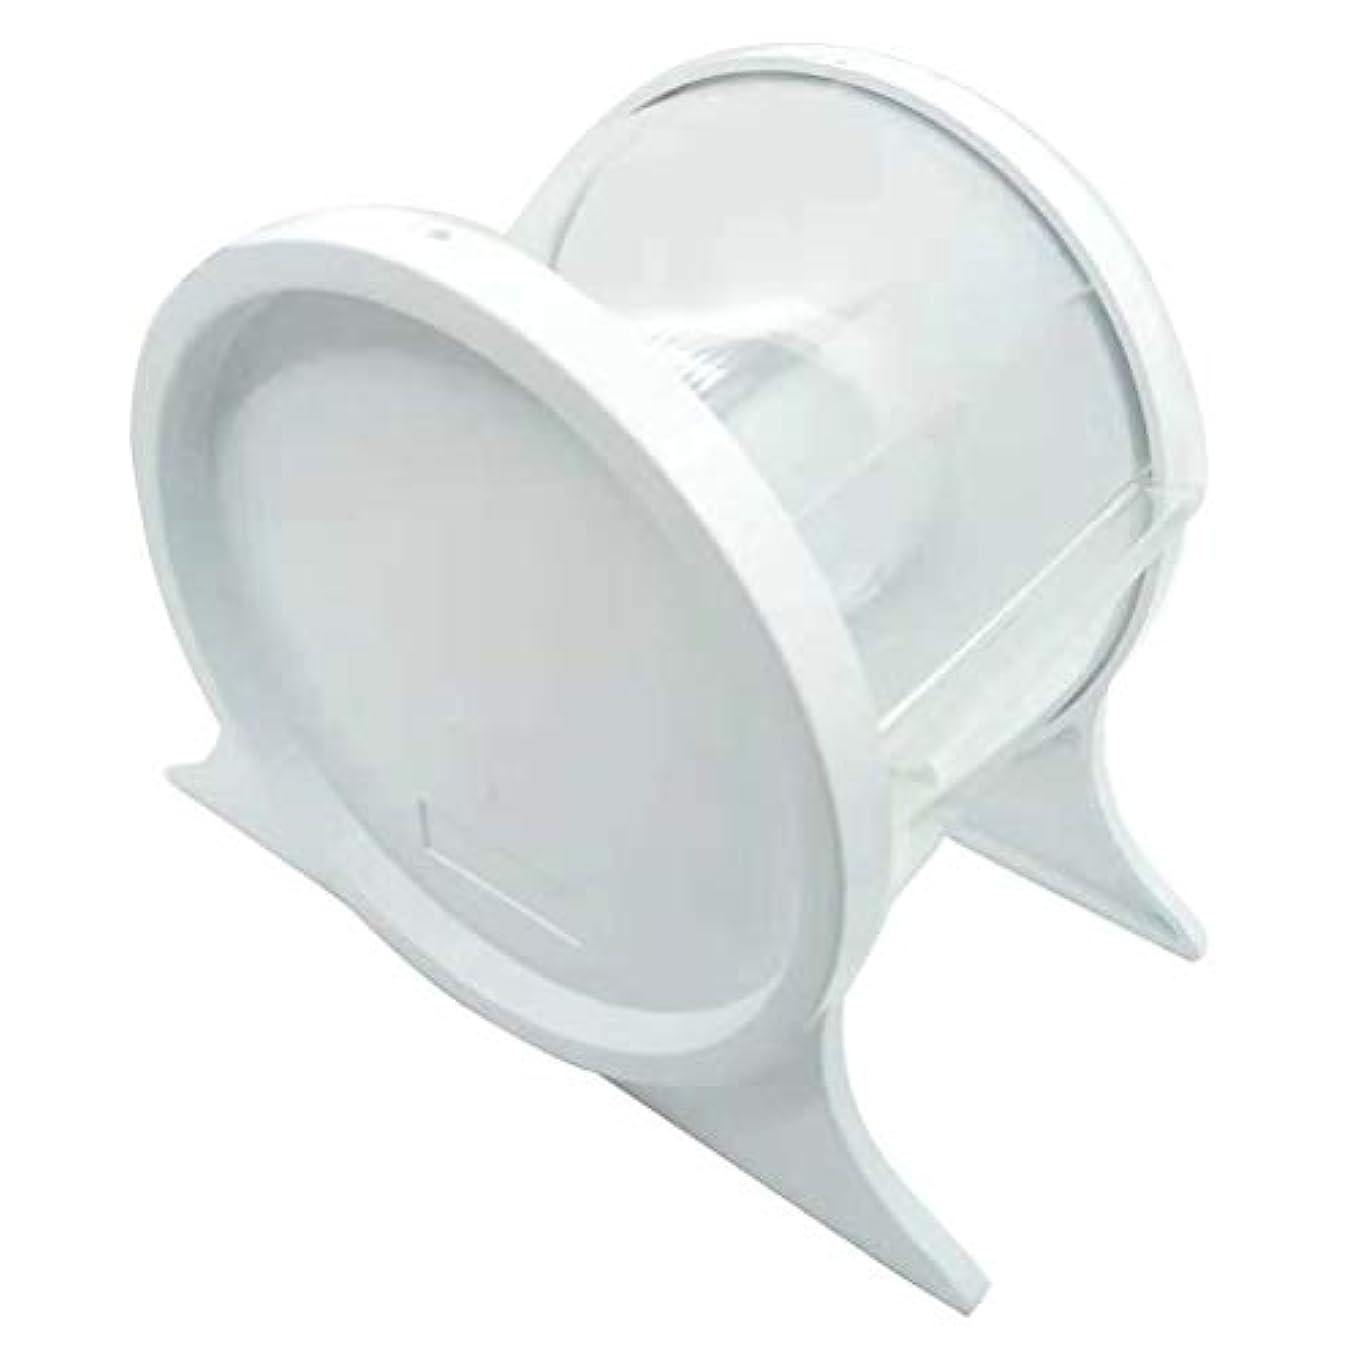 頭スキニー純正Healifty 1ピース使い捨て歯科バリアフィルムディスペンサー保護スタンドホルダーシェルフ歯科ツール(ホワイト)